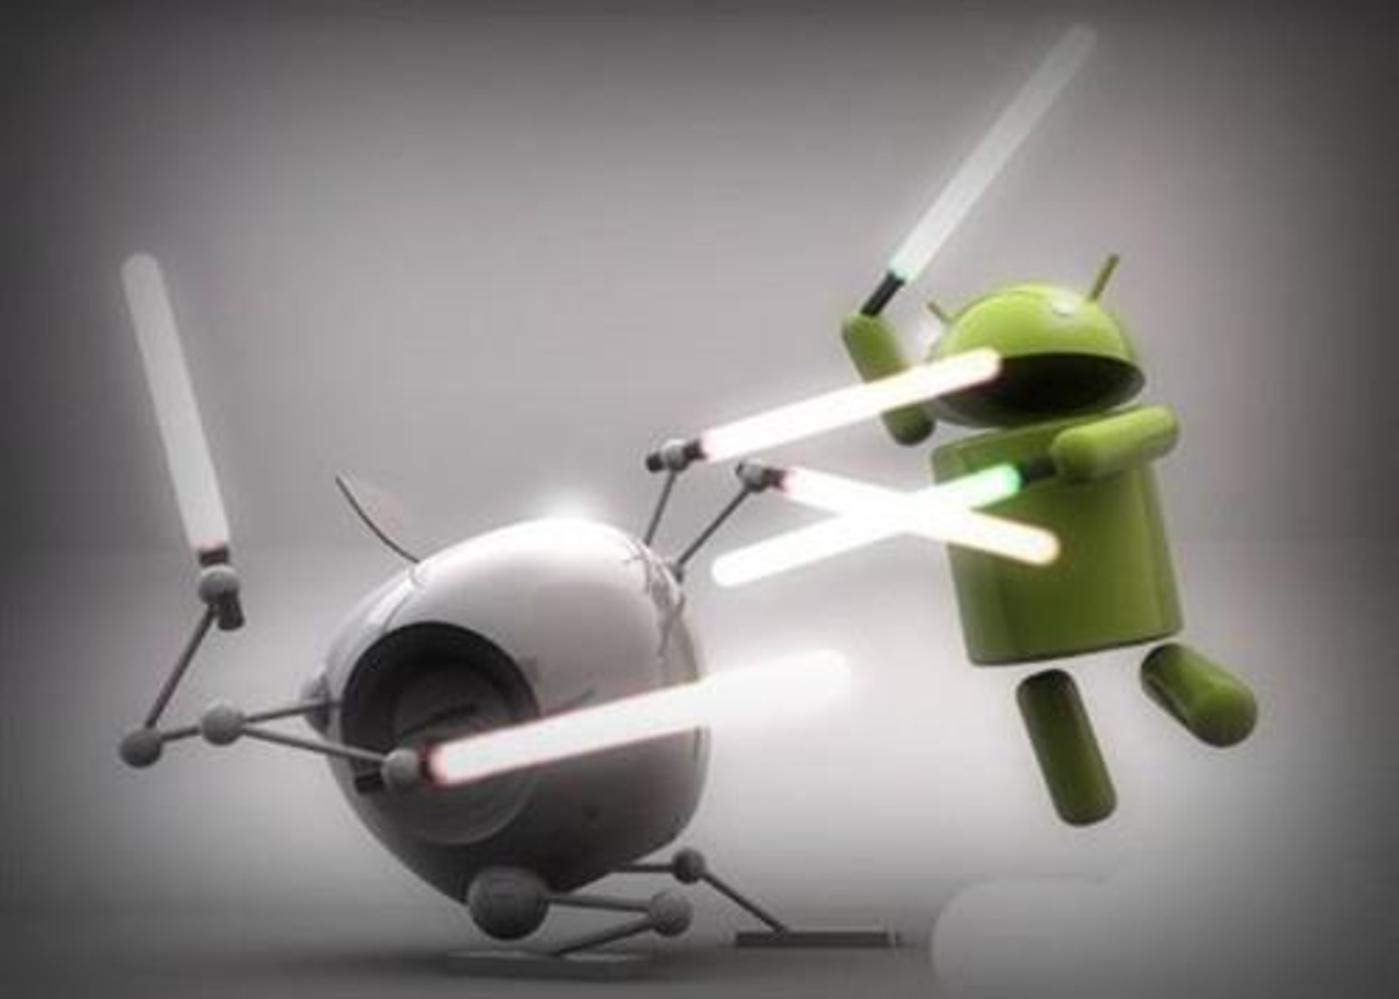 争论不休的iOS和Android